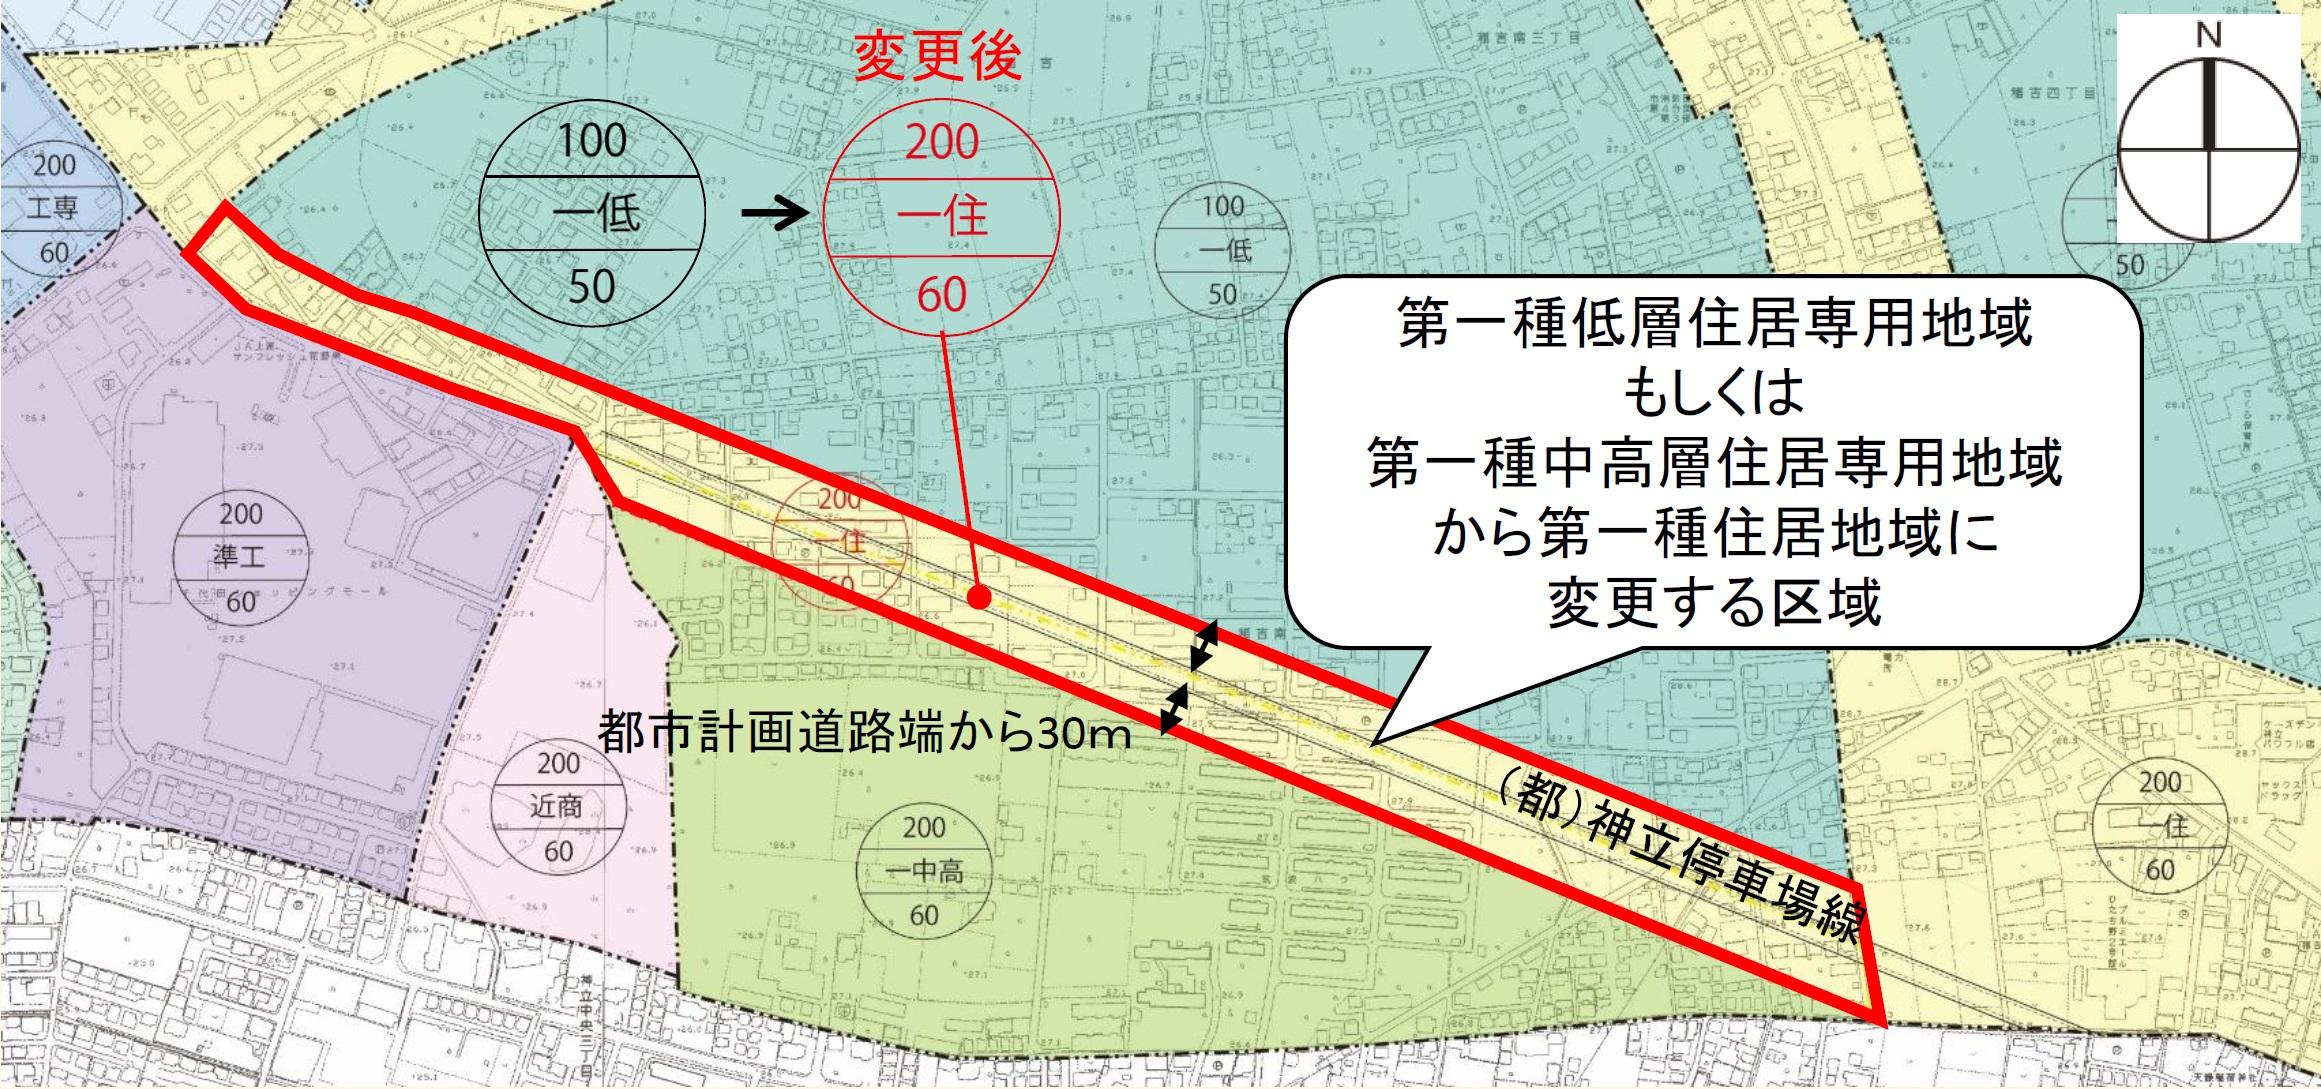 『『用途地域位置図』の画像』の画像